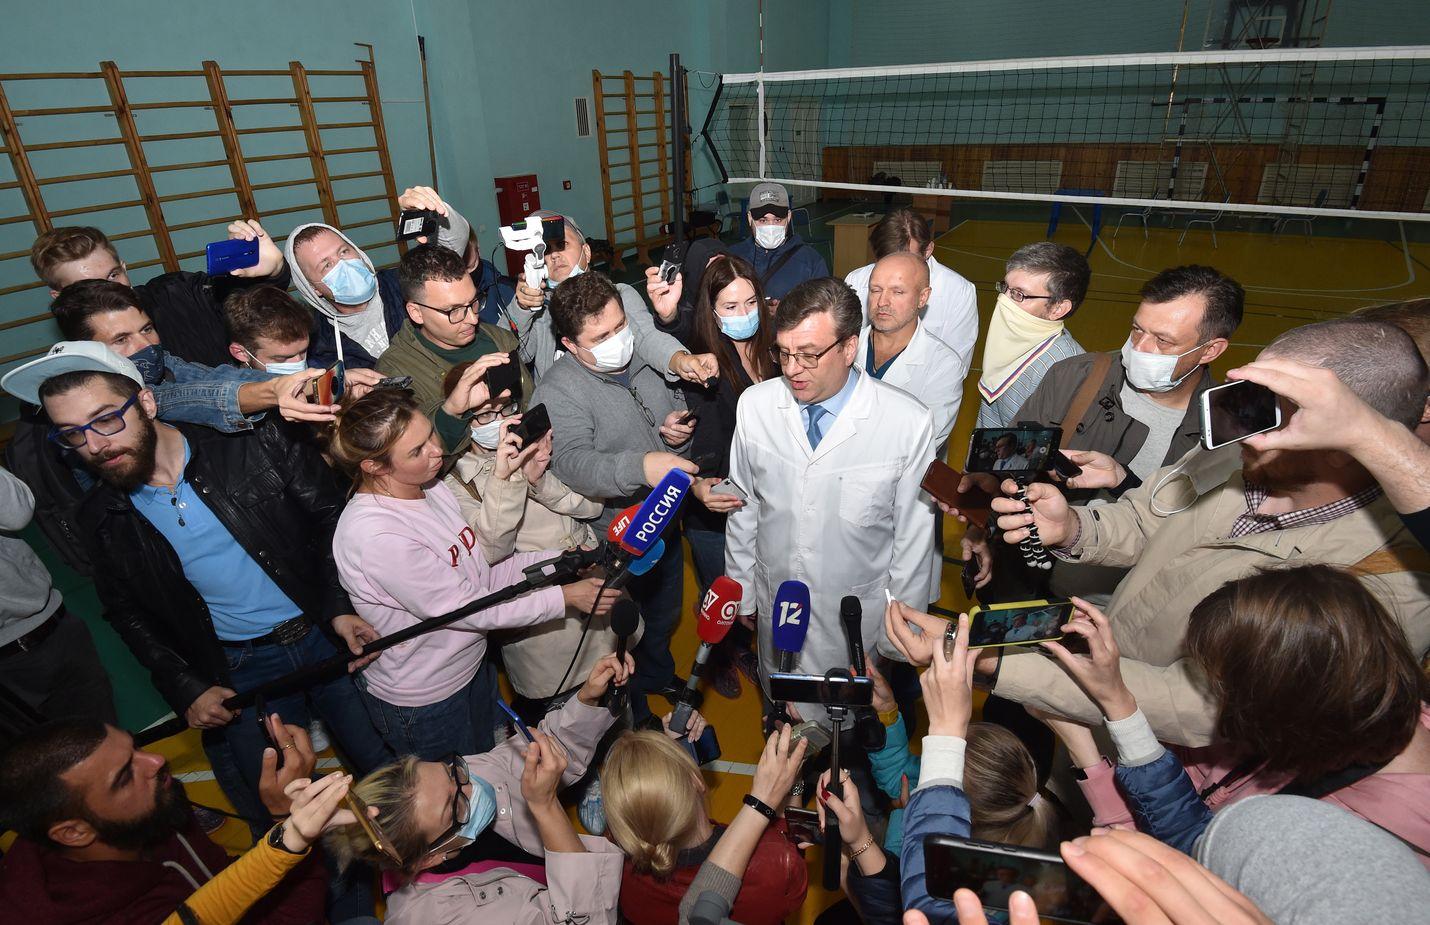 Omskin sairaalan johtava lääkäri Alexander Murakhovsky kommentoi tiedotusvälineille Aleksei Navlanyin vointia, kun häntä vielä hoidettiin Venäjällä. Lääkärin mukaan myrkytyksestä ei ollut merkkejä. Johtavan lääkärin toimistossa istui BBC:n mukaan Venäjän turvallisuuspalveluiden väkeä.